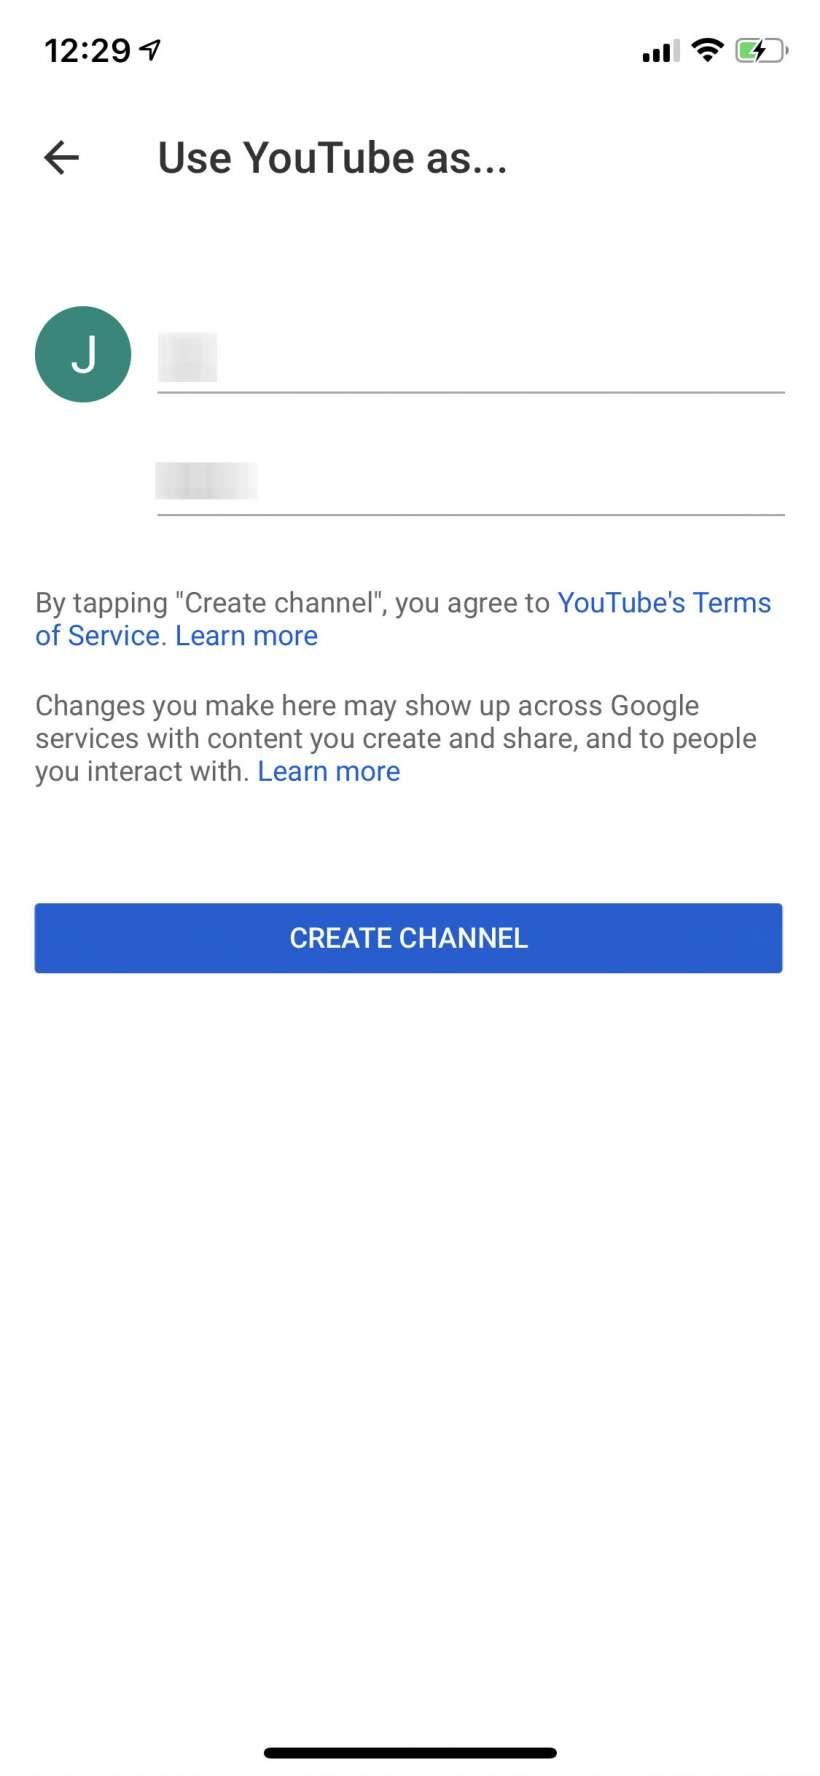 Hướng dẫn từng bước cách tạo kênh YouTube trên điện thoại